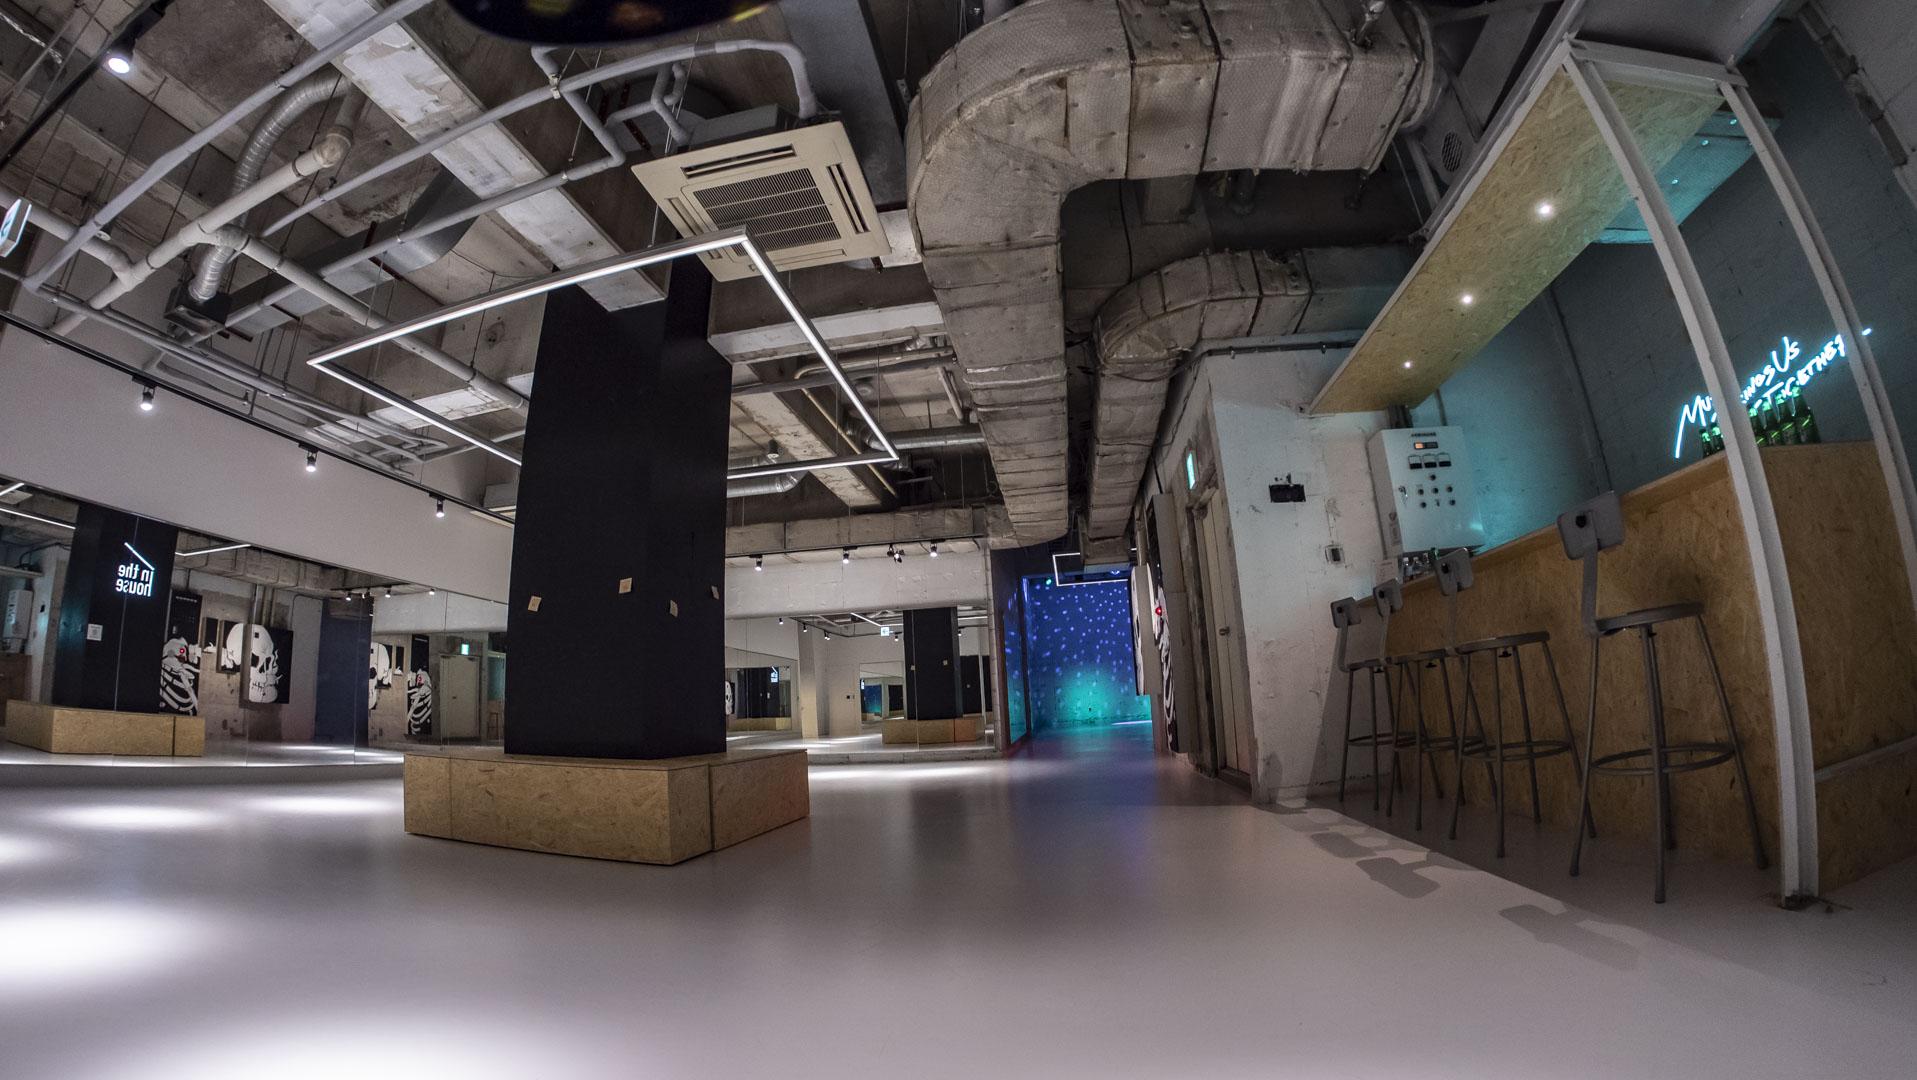 こちらのスペースはシェアスペースです。ご利用者さま同士、譲り合ってご利用ください - StreetDancePark 【8】深夜PARK 20時~の室内の写真